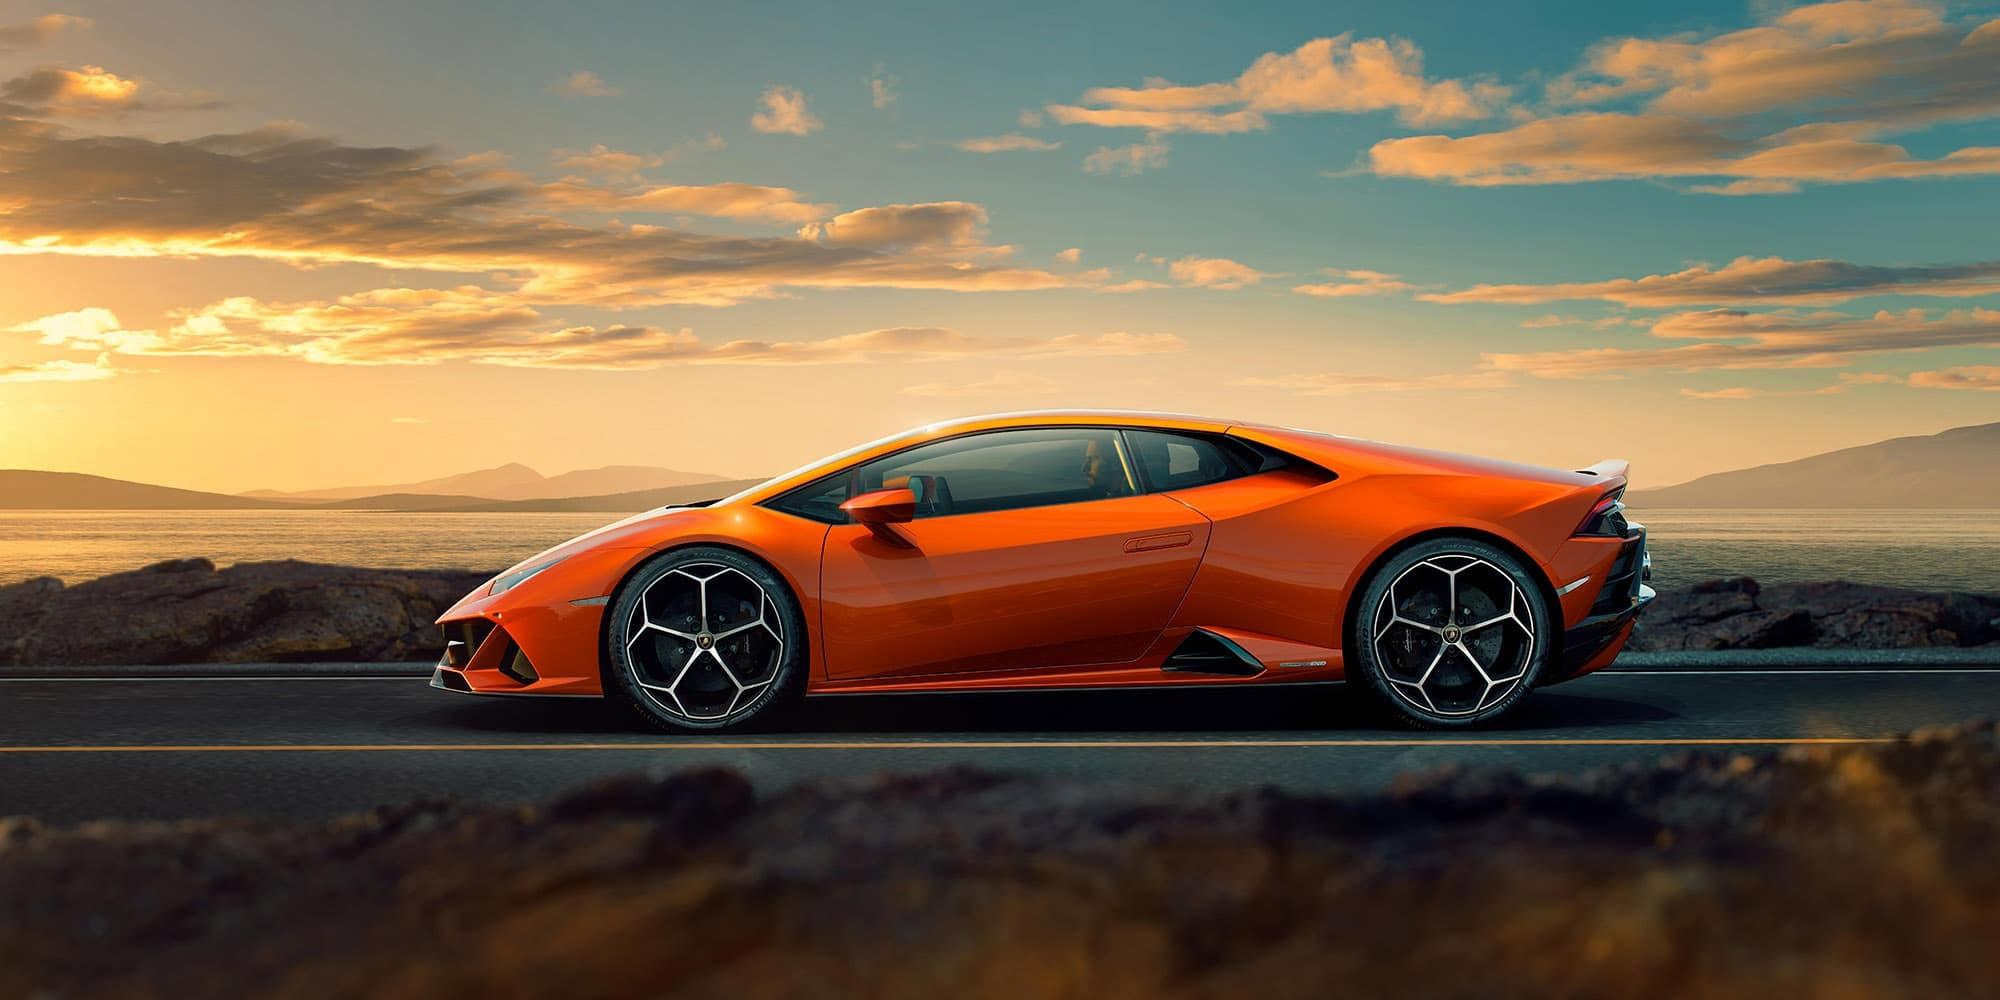 Lamborghini Huracán Evo mieten